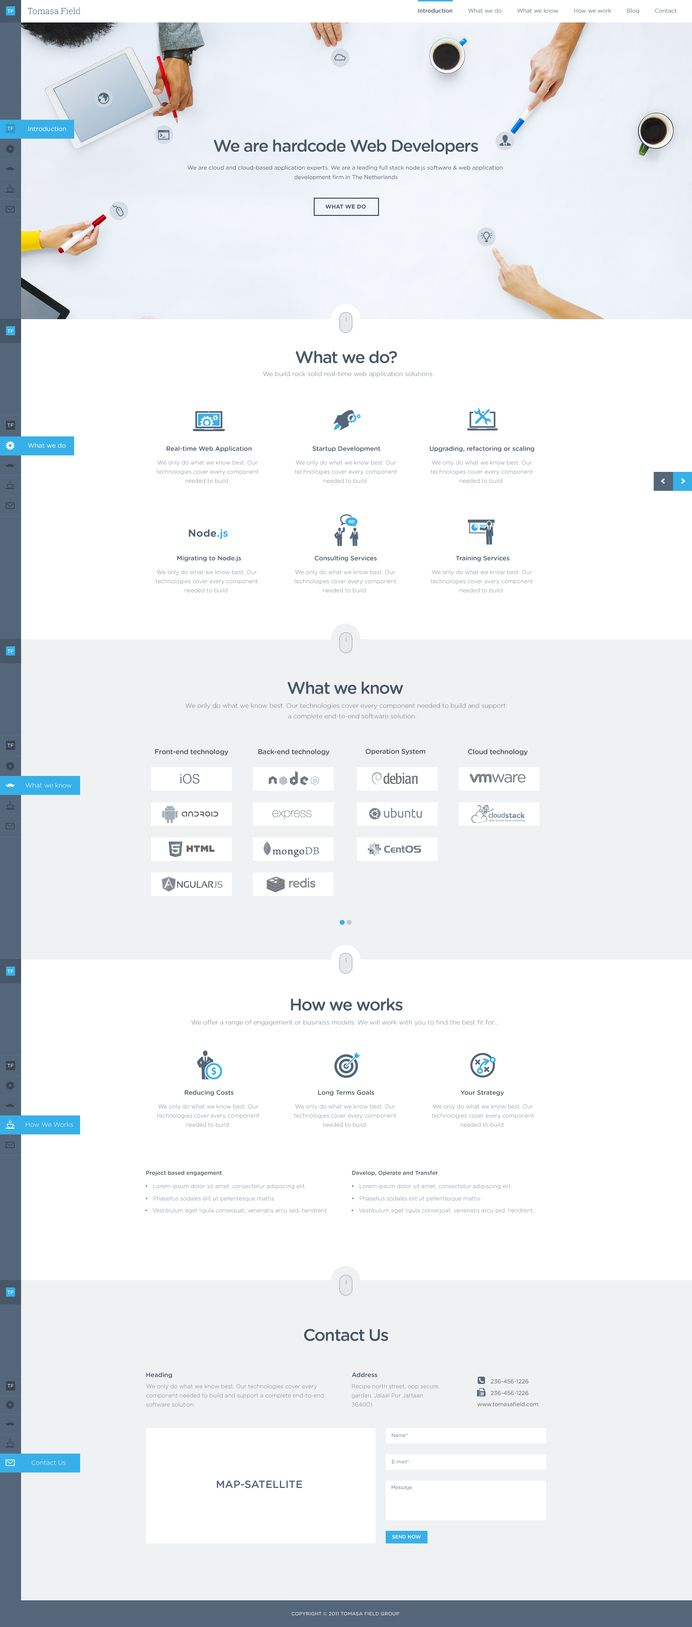 best websites images on pinterest website layout web design